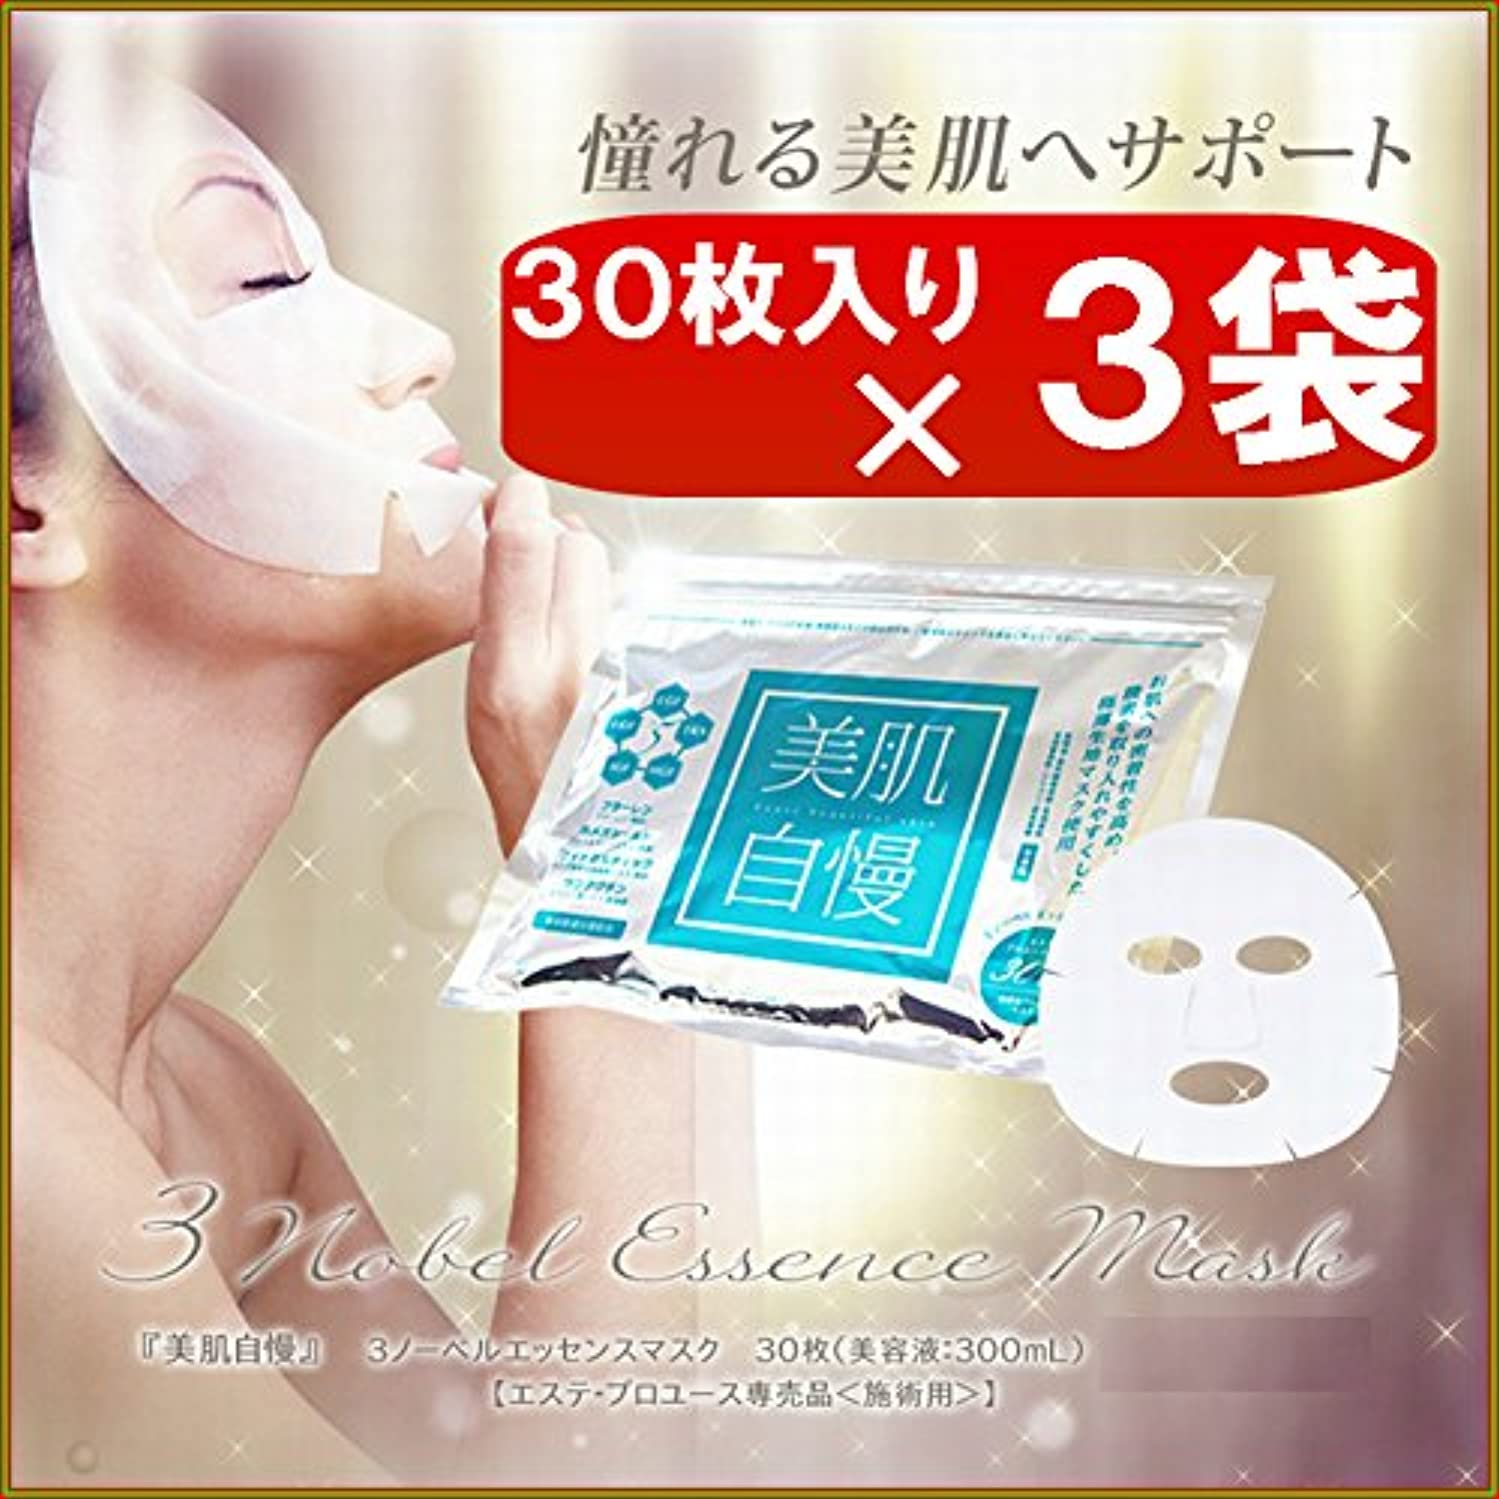 秘書一族ゲーム美肌自慢フェイスマスク 30枚入り ×お得3袋セット 《エッセンスマスク、EGF、IGF、ヒアルロン酸、プラセンタ、アルブチン、カタツムリエキス、しみ、しわ》